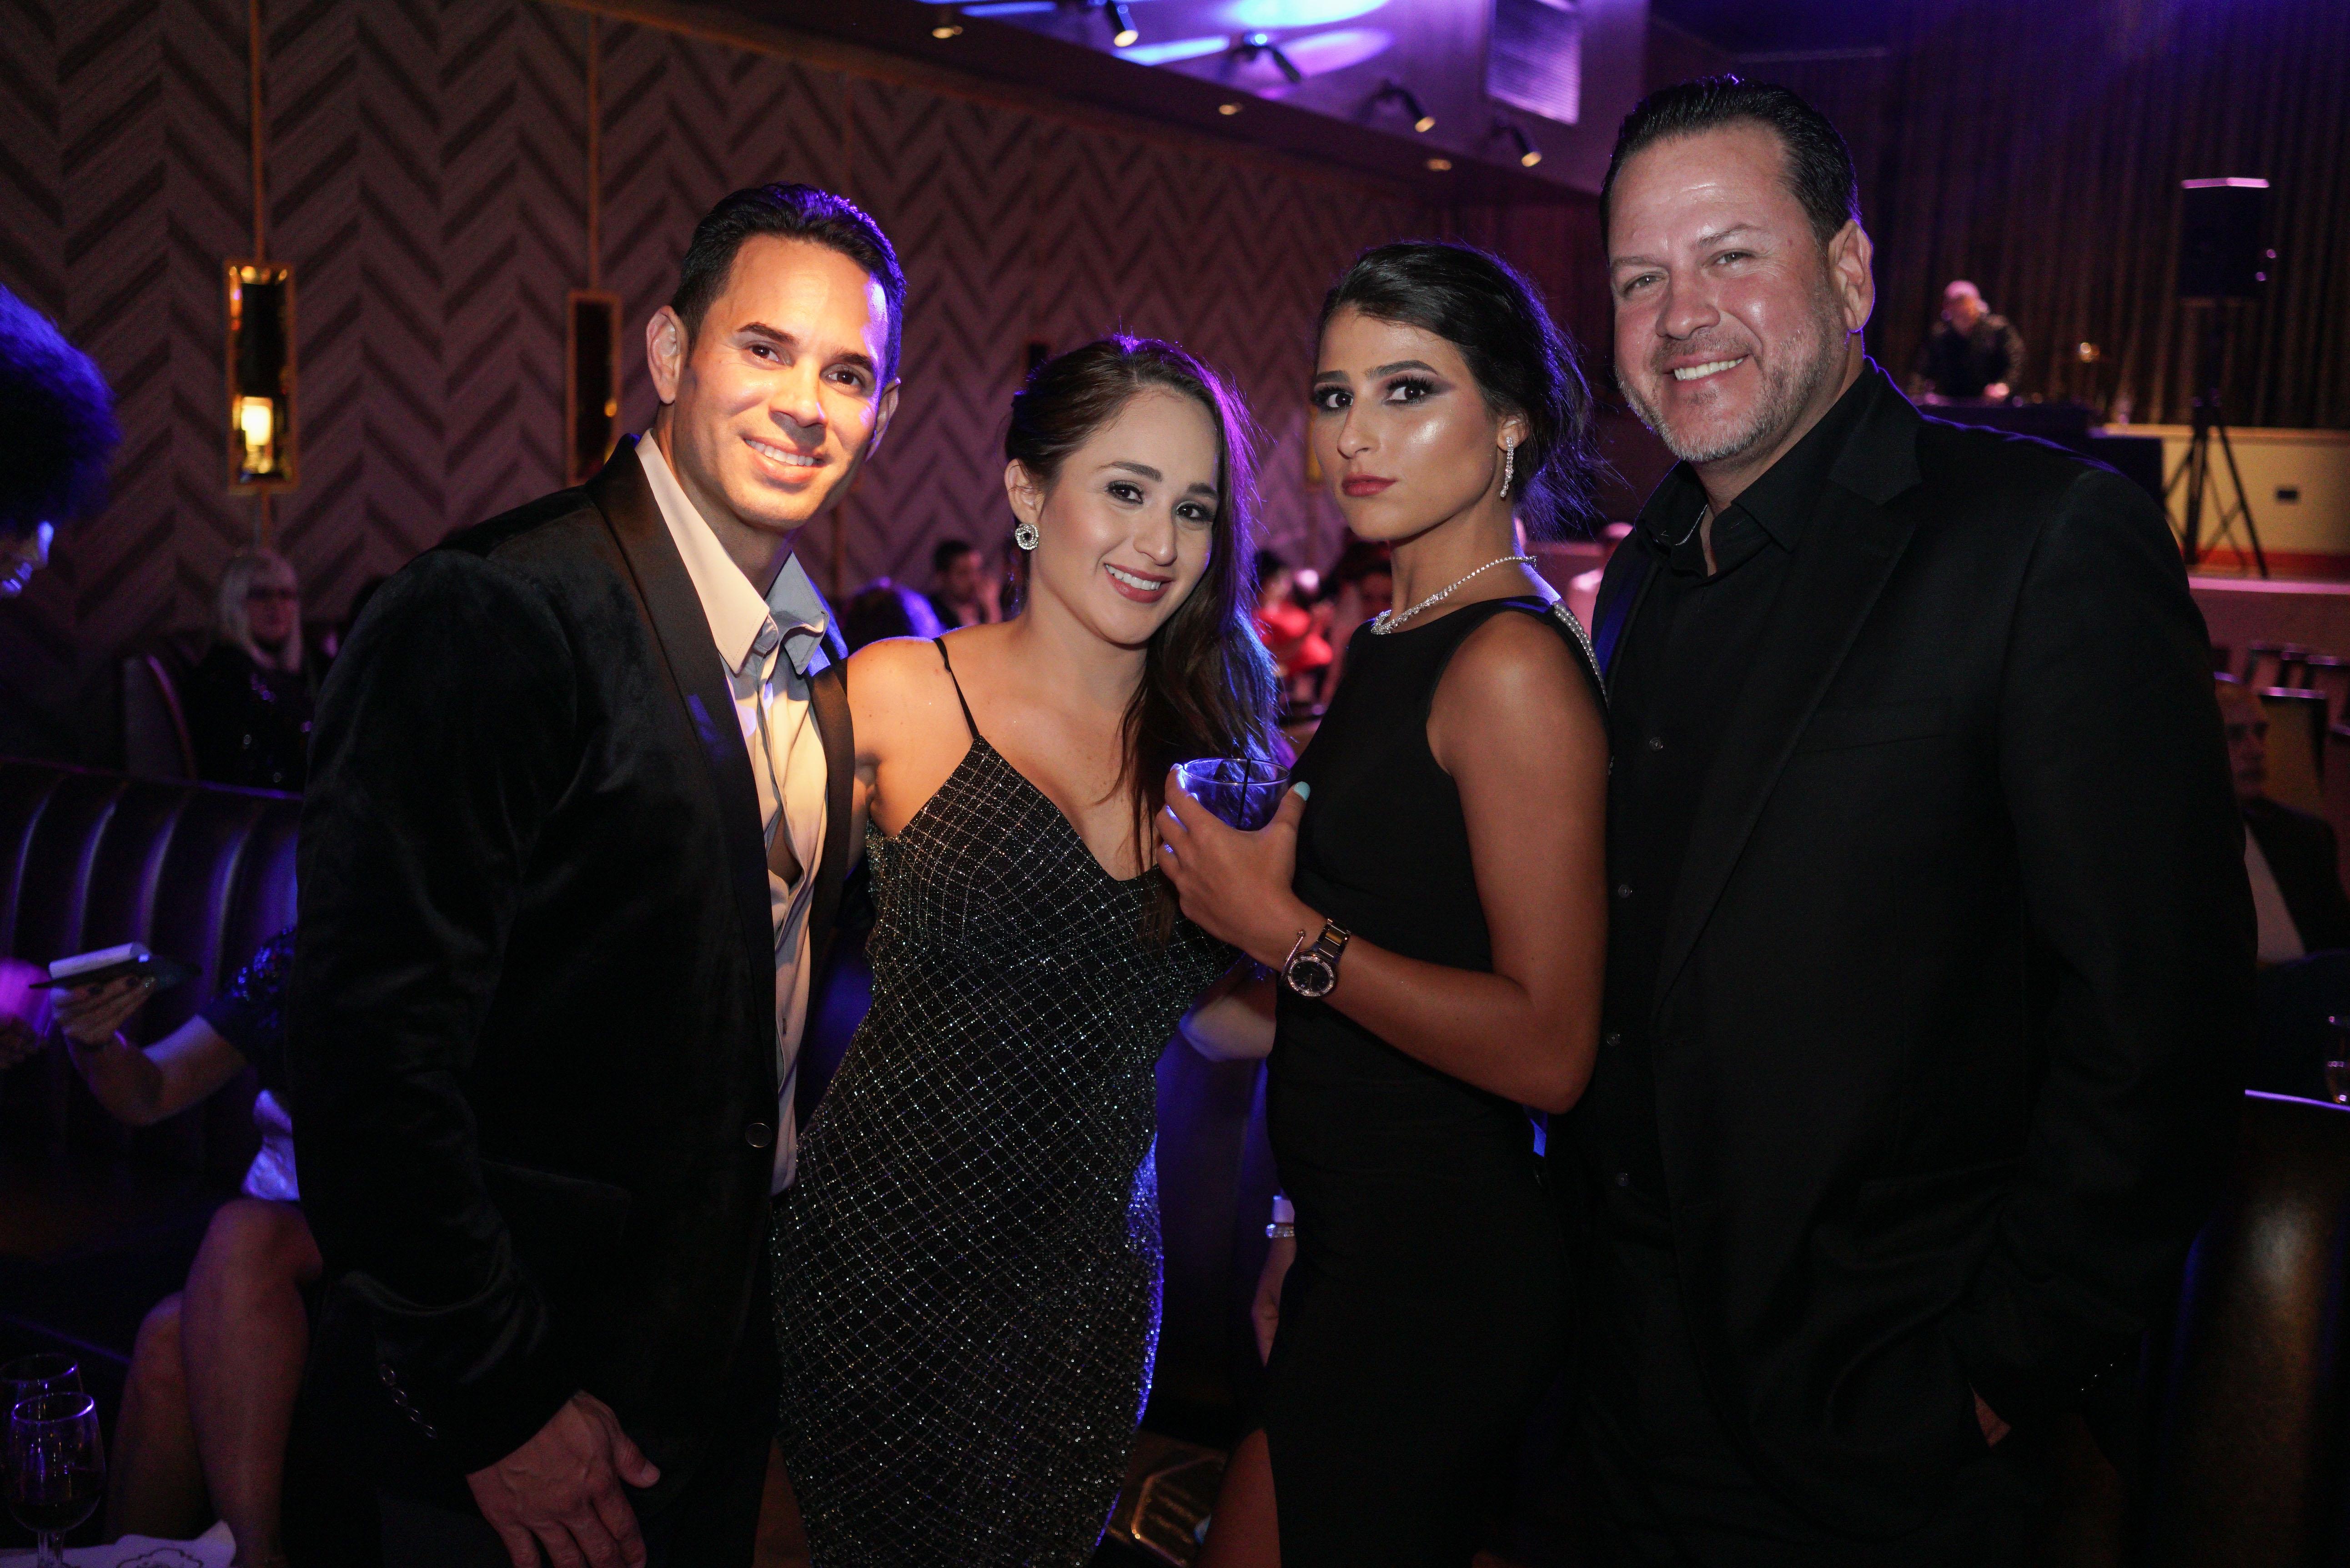 Julio Delgado, Elena Delgado, Karina Marrero y Javier Marrero. (Suministrada)